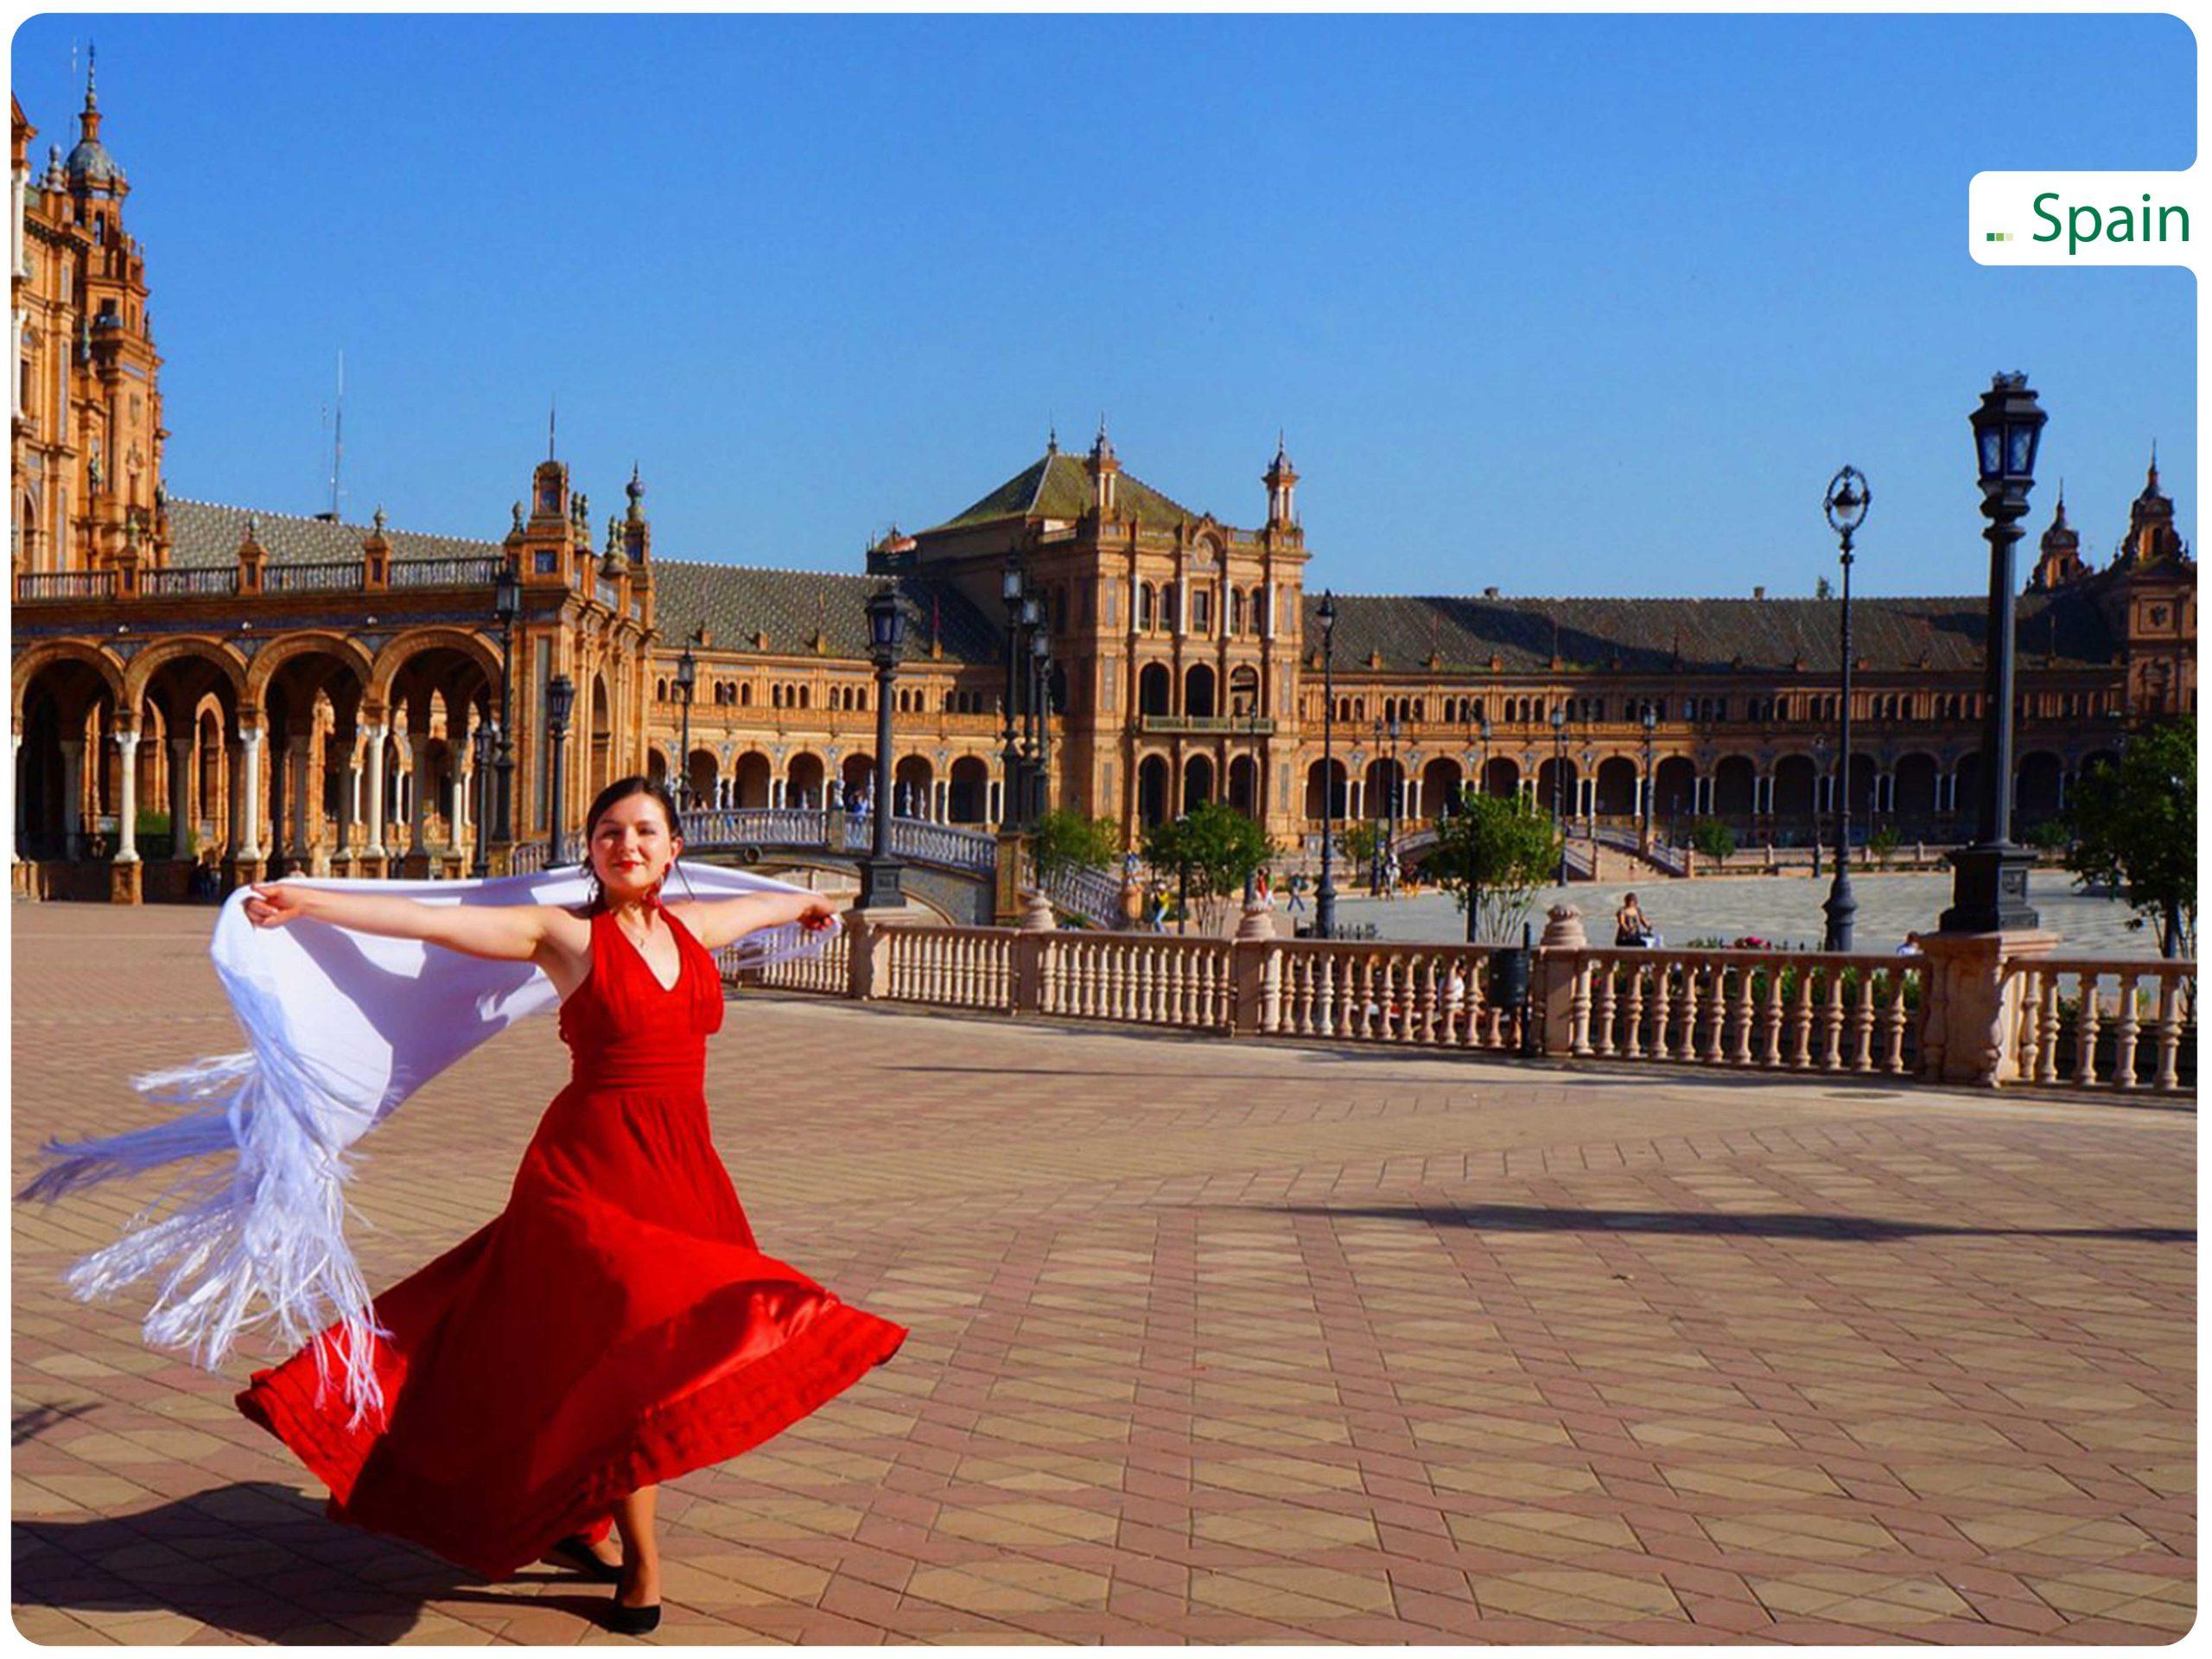 خرید ملک اسپانیا